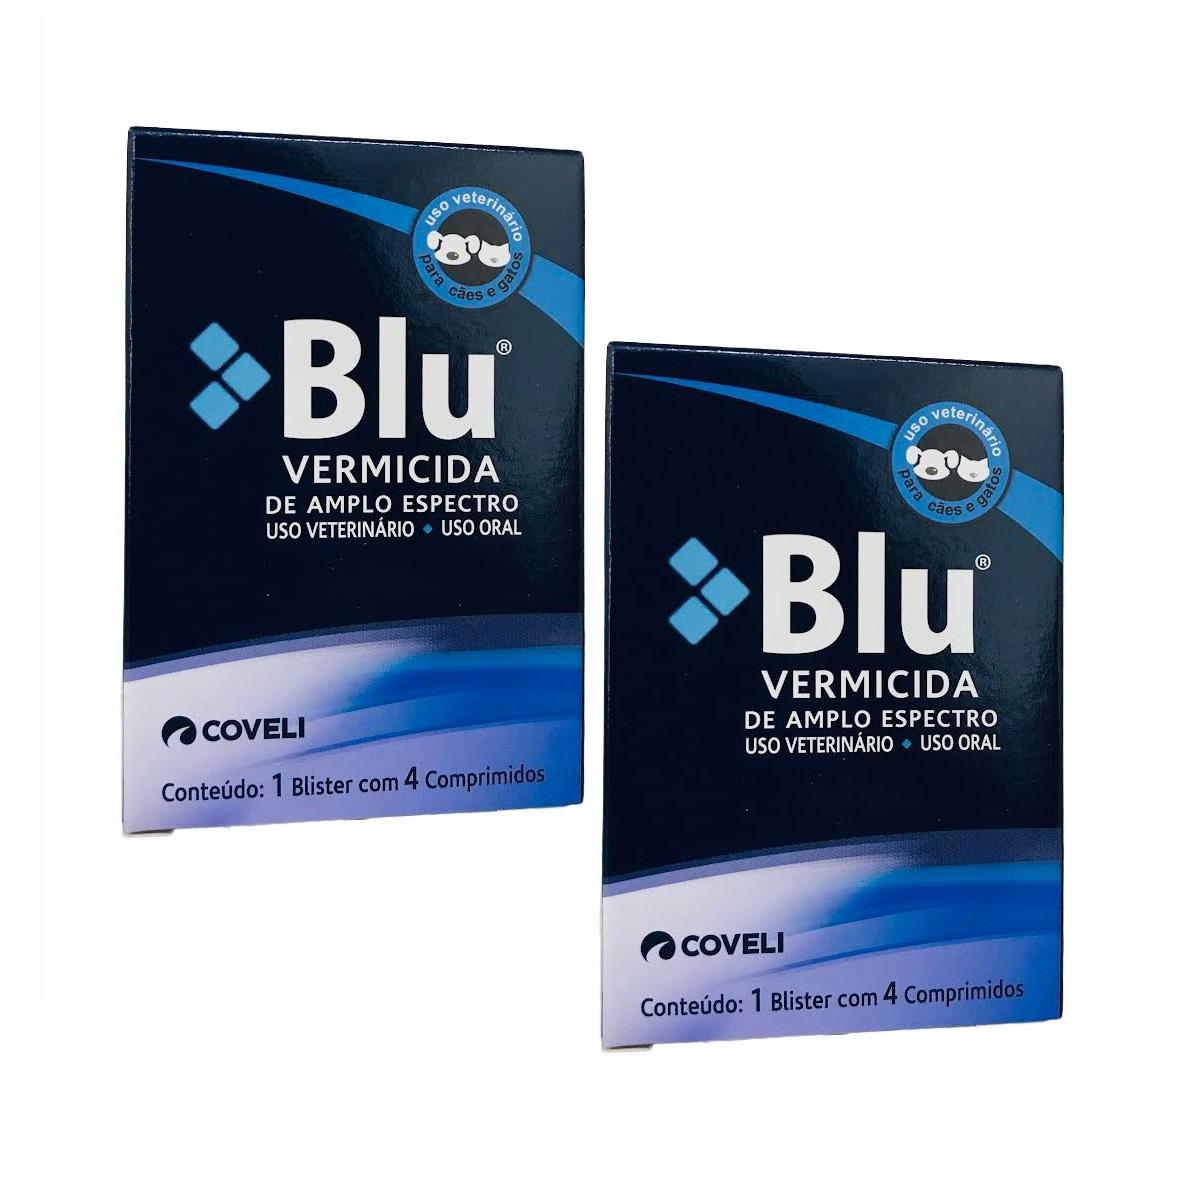 Kit 2 Unidades Vermífugo para Cães e Gatos Blu (4 Comprimidos) - Coveli